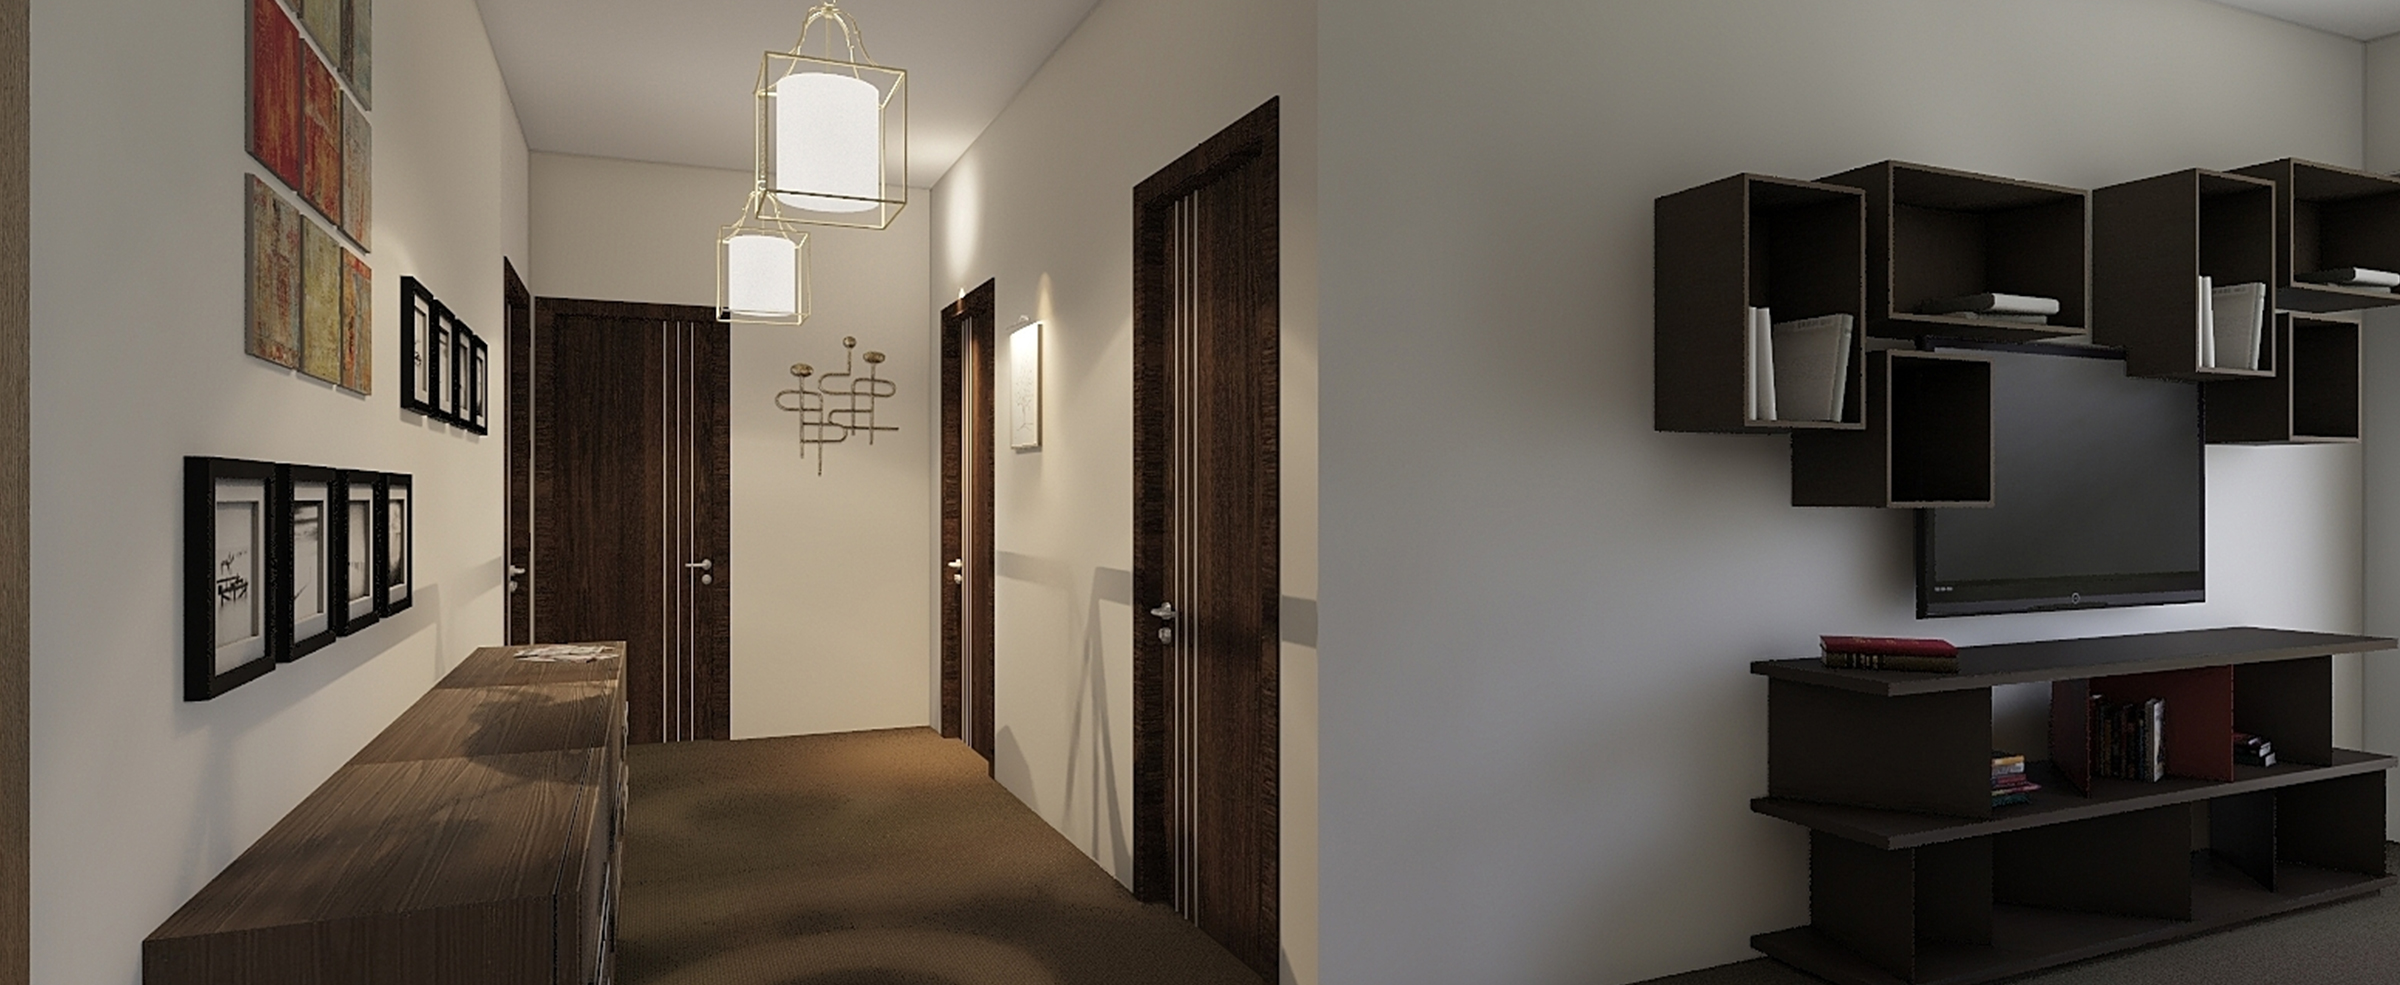 apartament-tip-c-poza-6